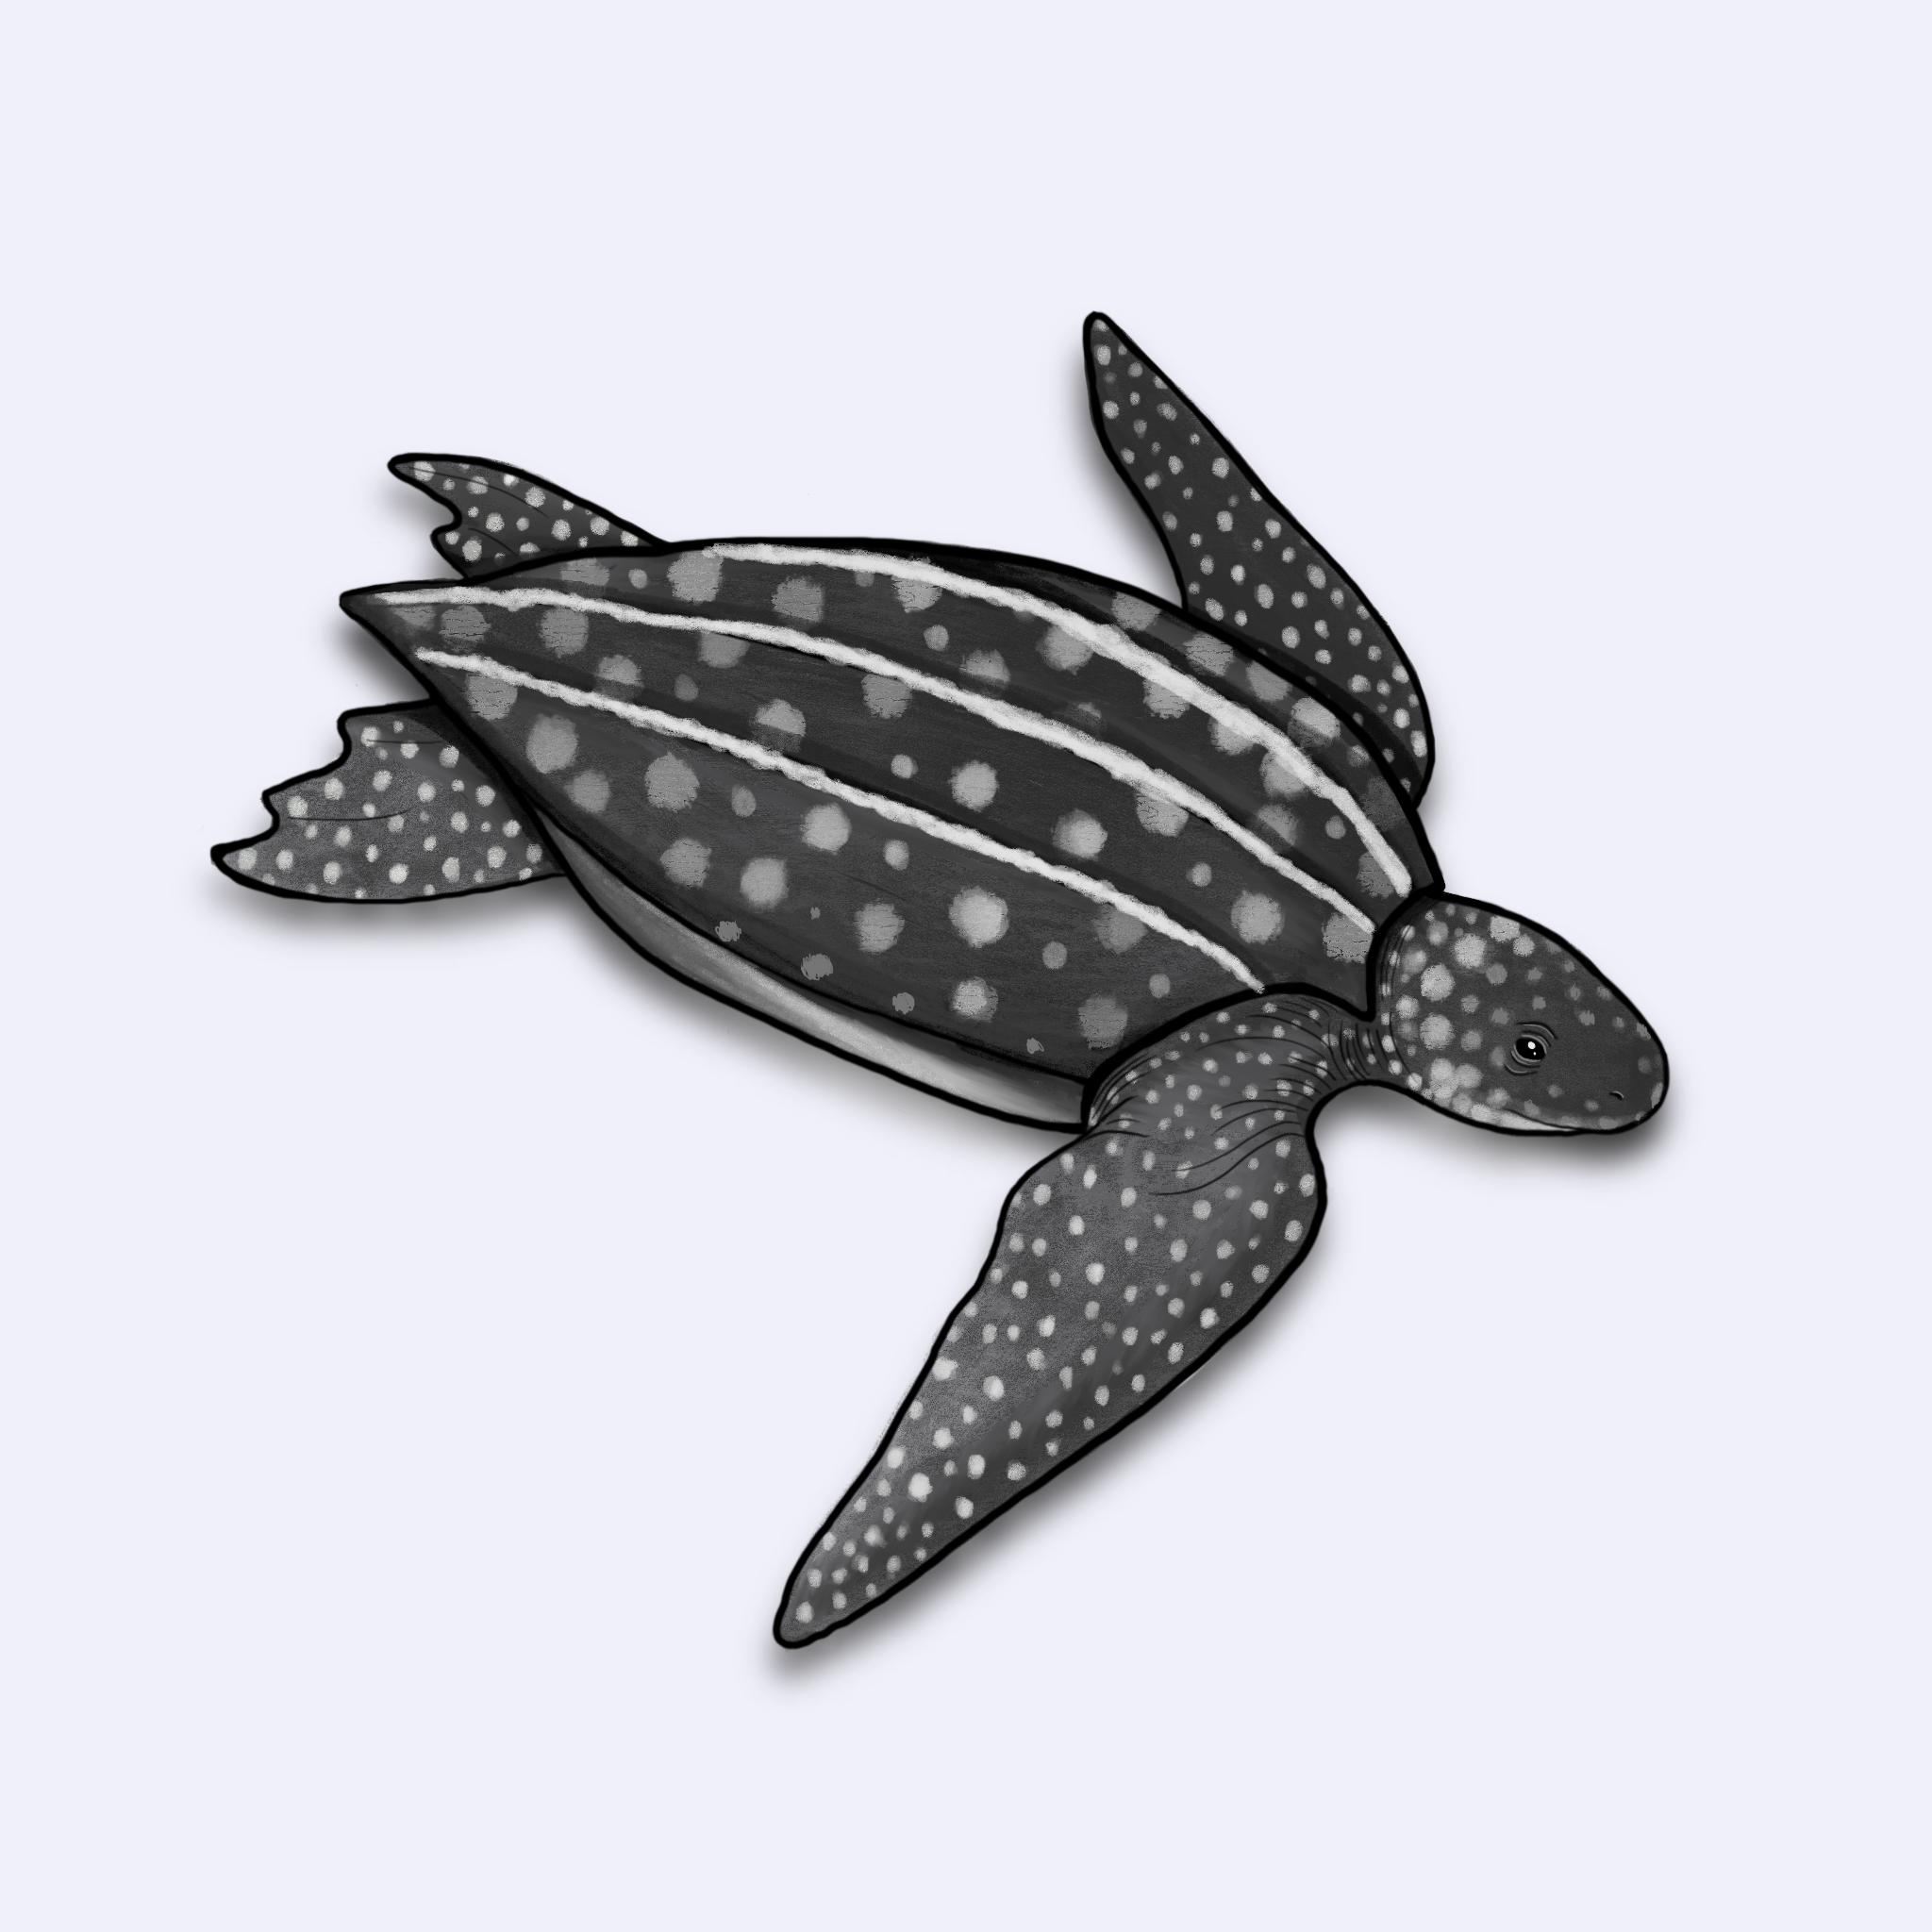 Ilustração da tartaruga-de-couro (Dermochelys coriacea)